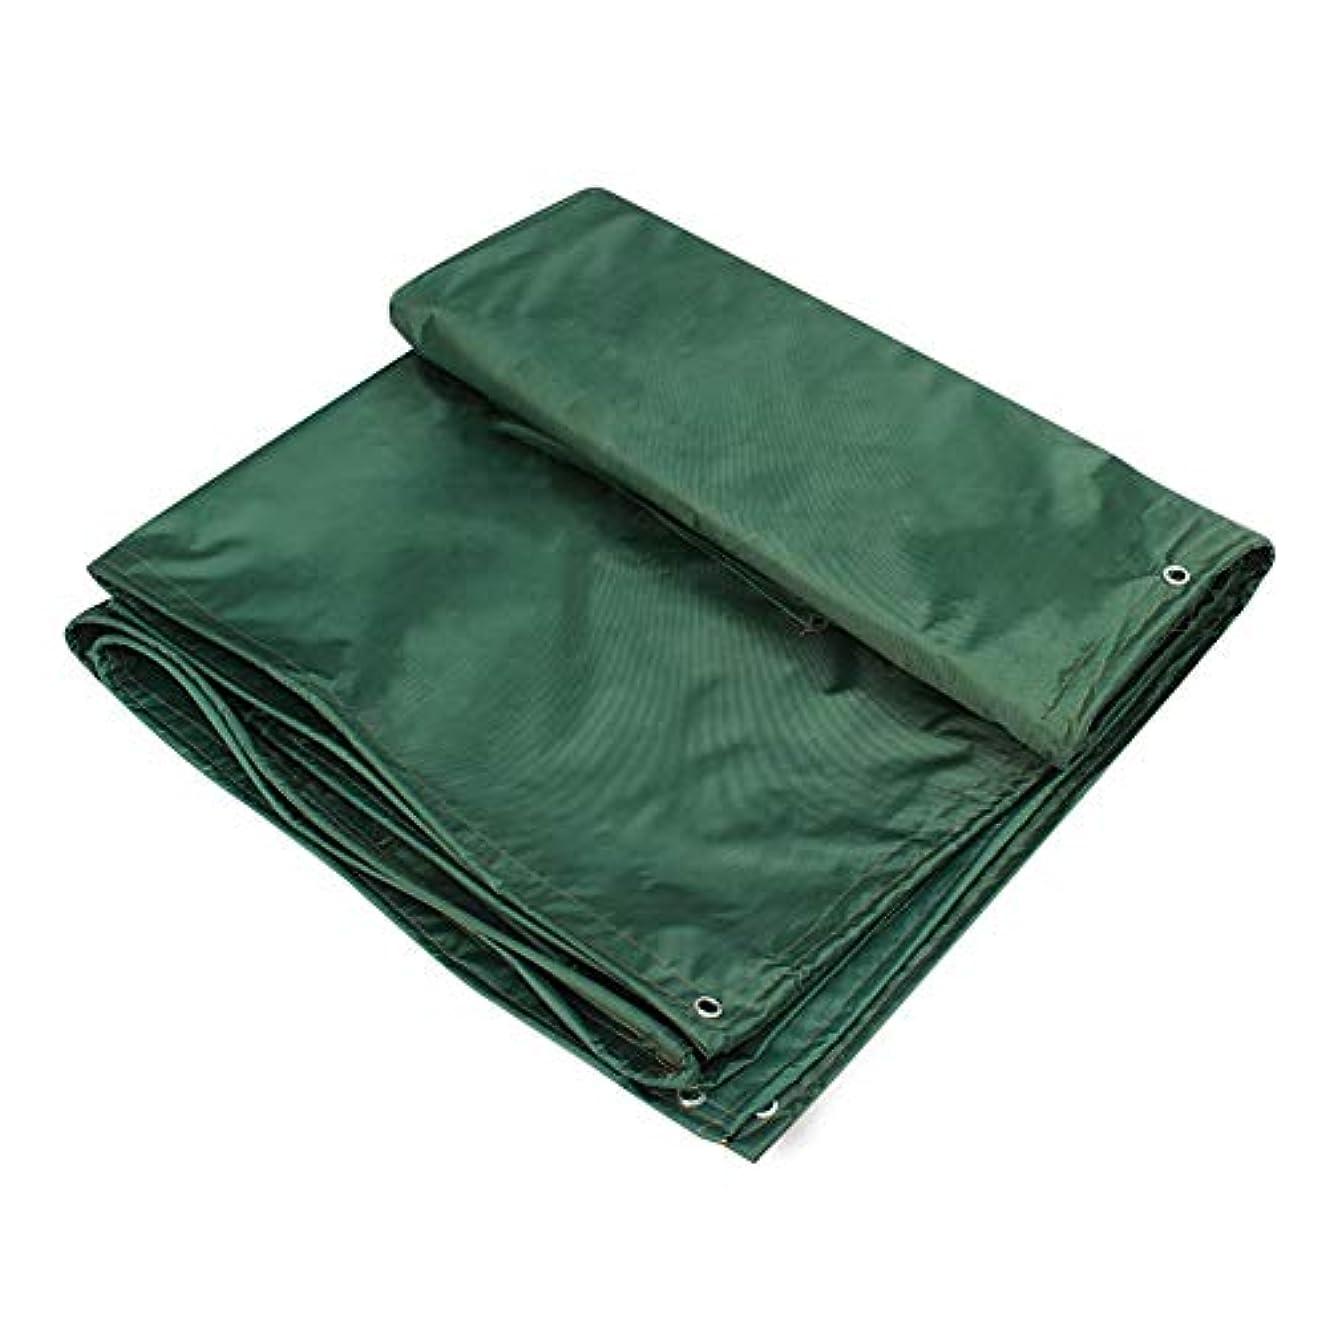 寛大なスポンサー割り当てますJuexianggou 防雨布防水肥厚ポンチョオックスフォード布トラックカバー植物日焼け止め防風防塵抗酸化 防水テントタープ